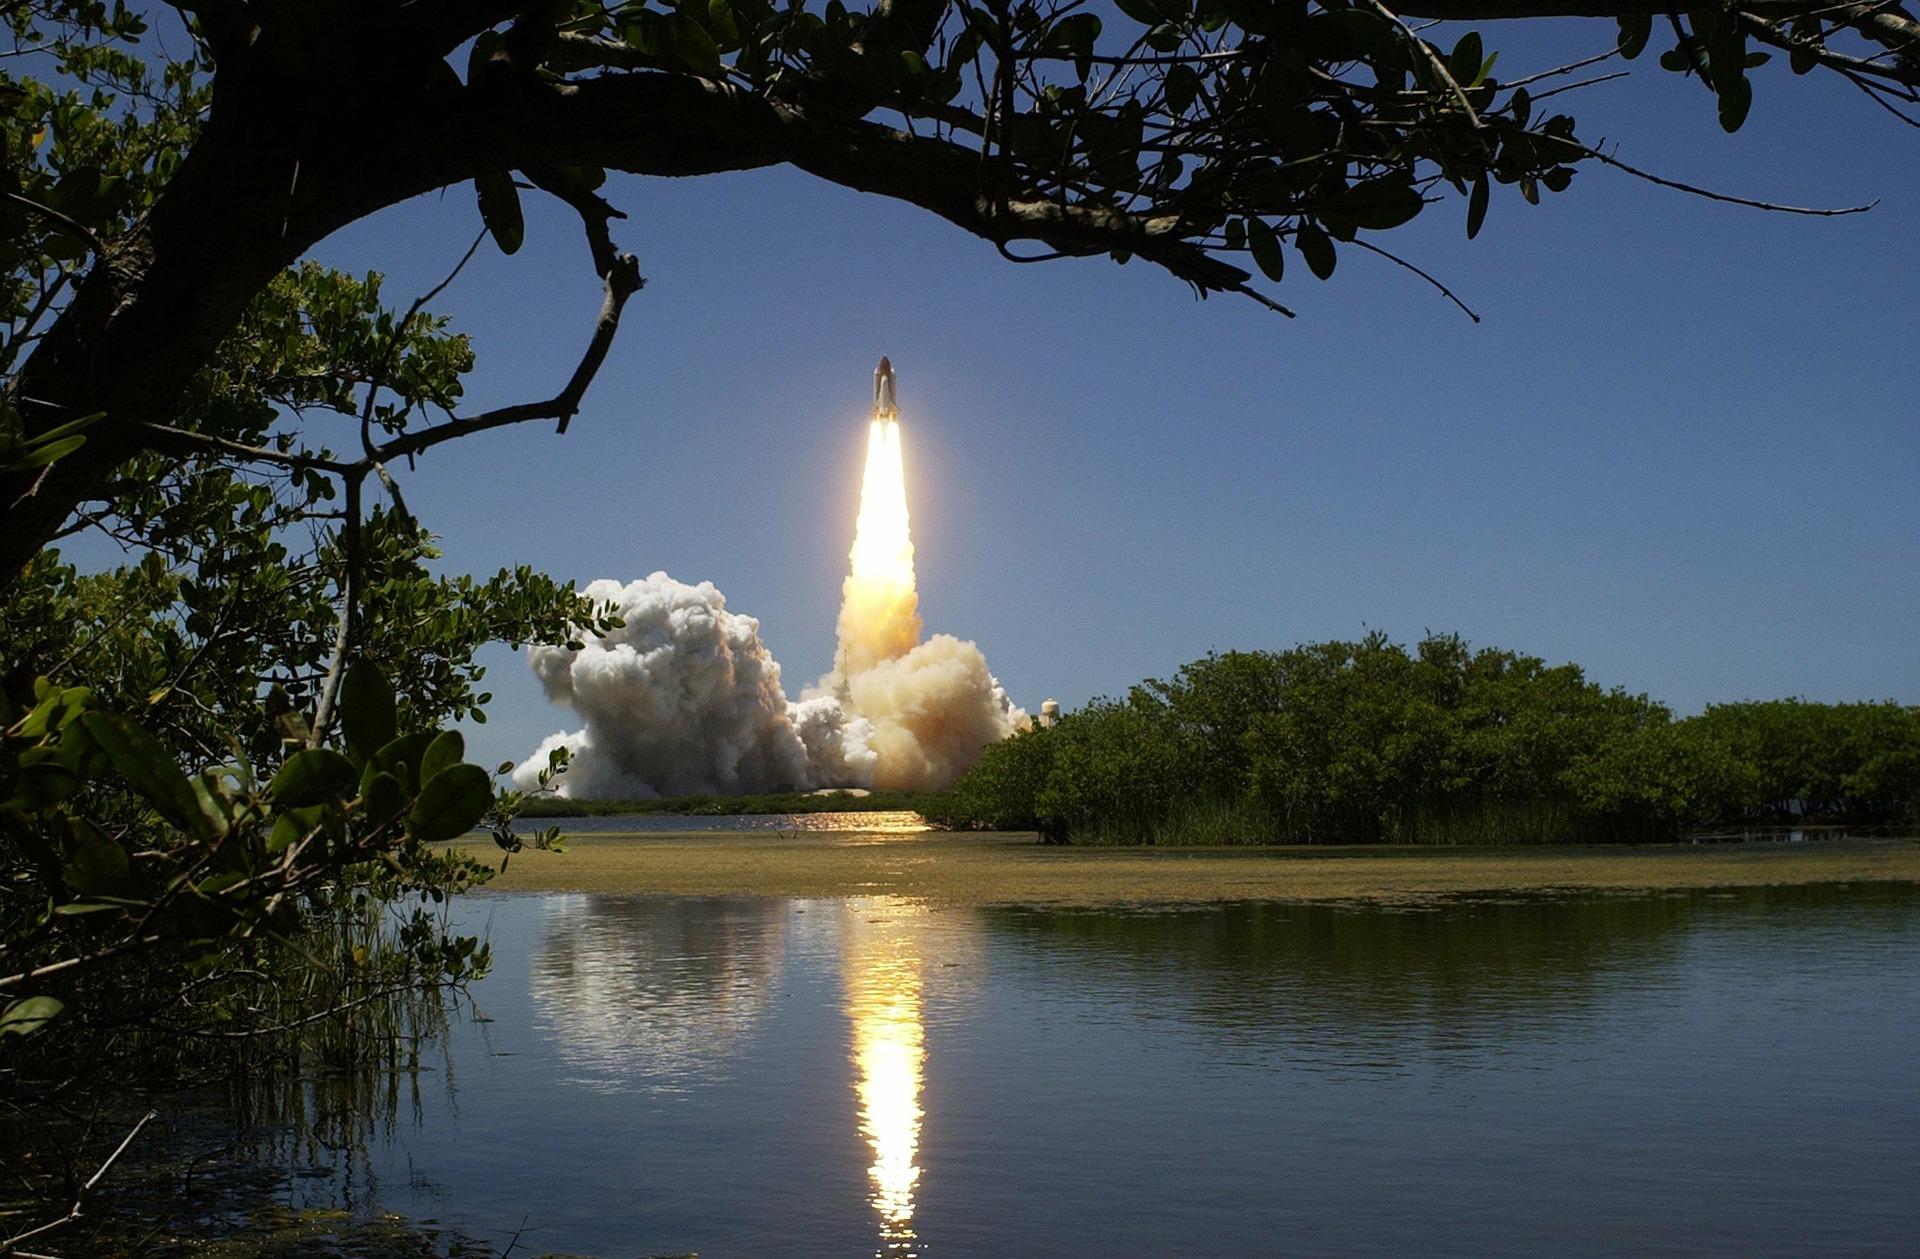 Am kommenden Samstag erreichen vier Astronauten eine Raumstation.